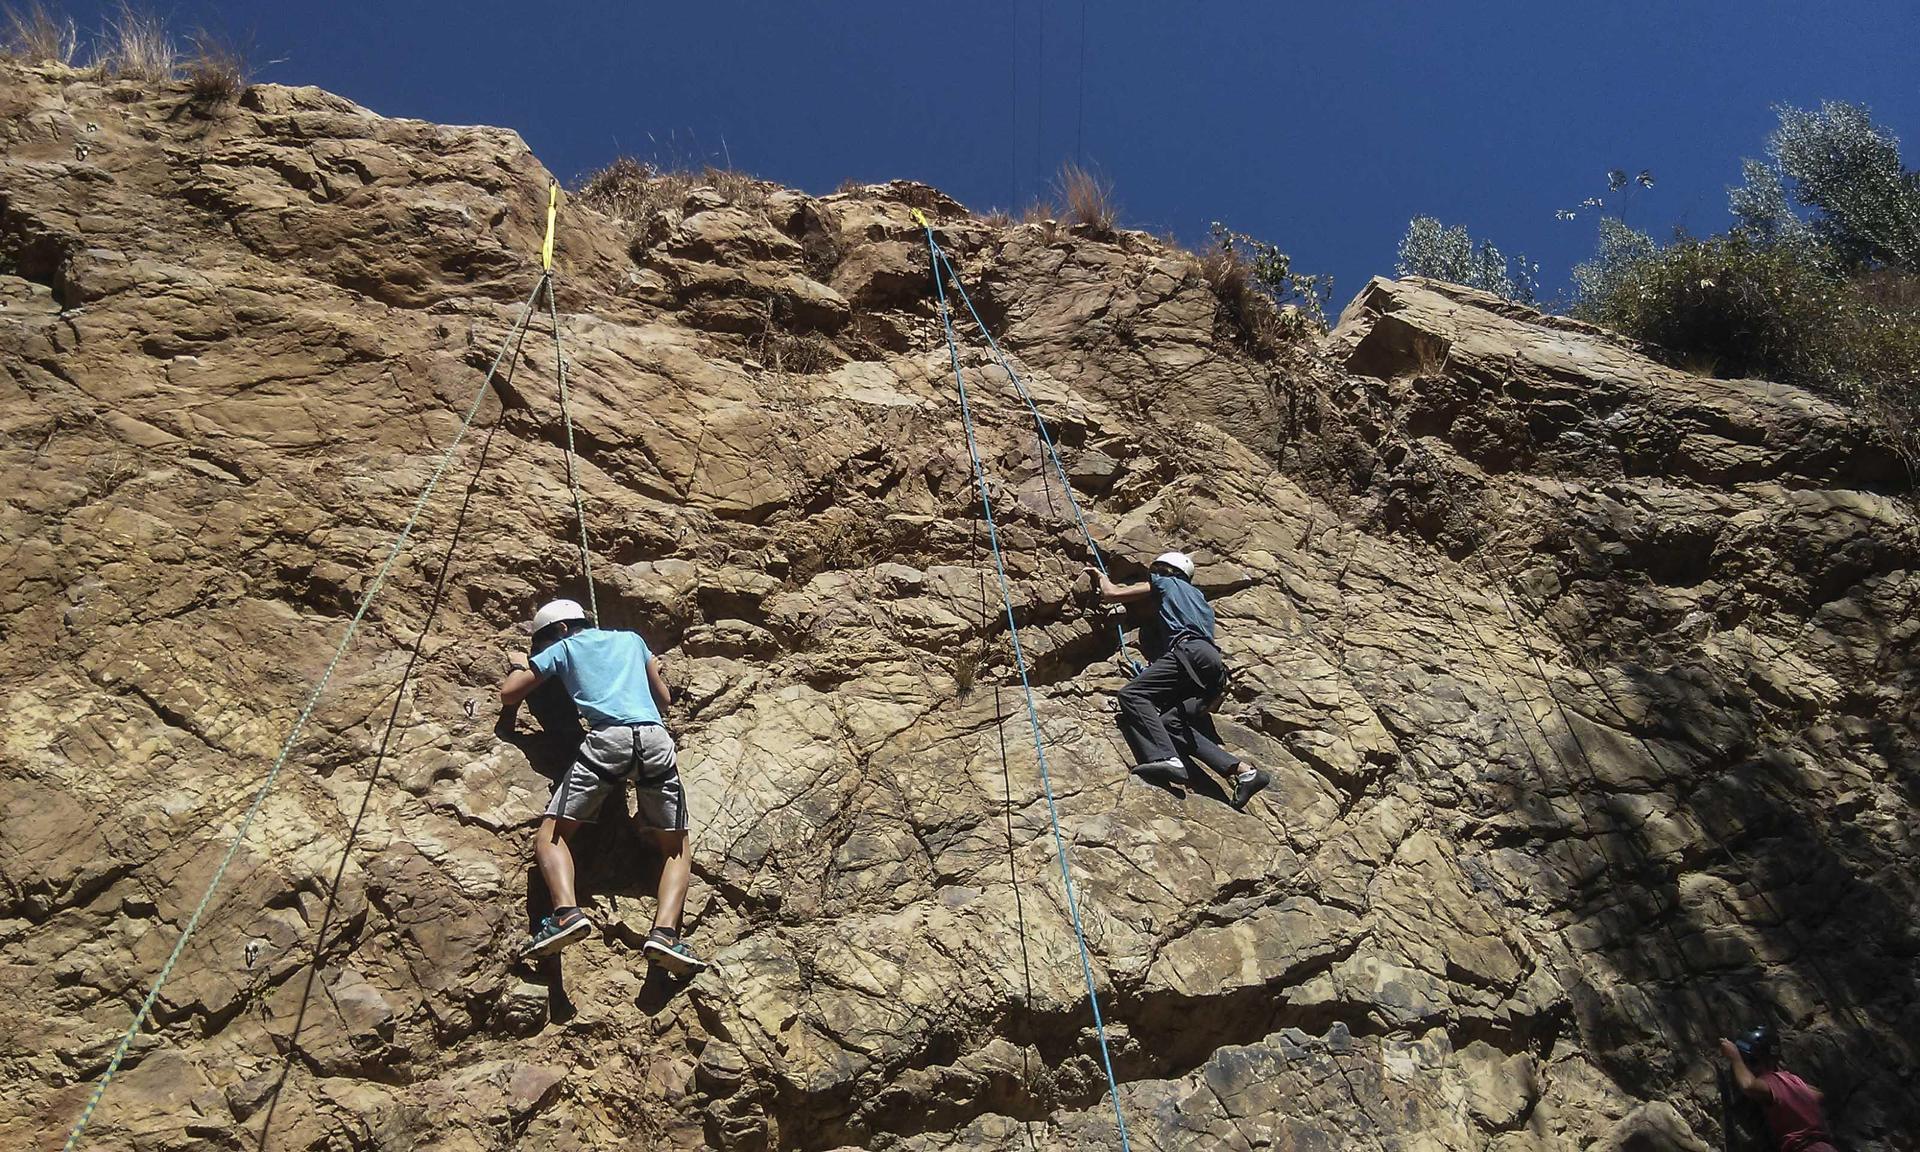 Actividad de escalar cerros